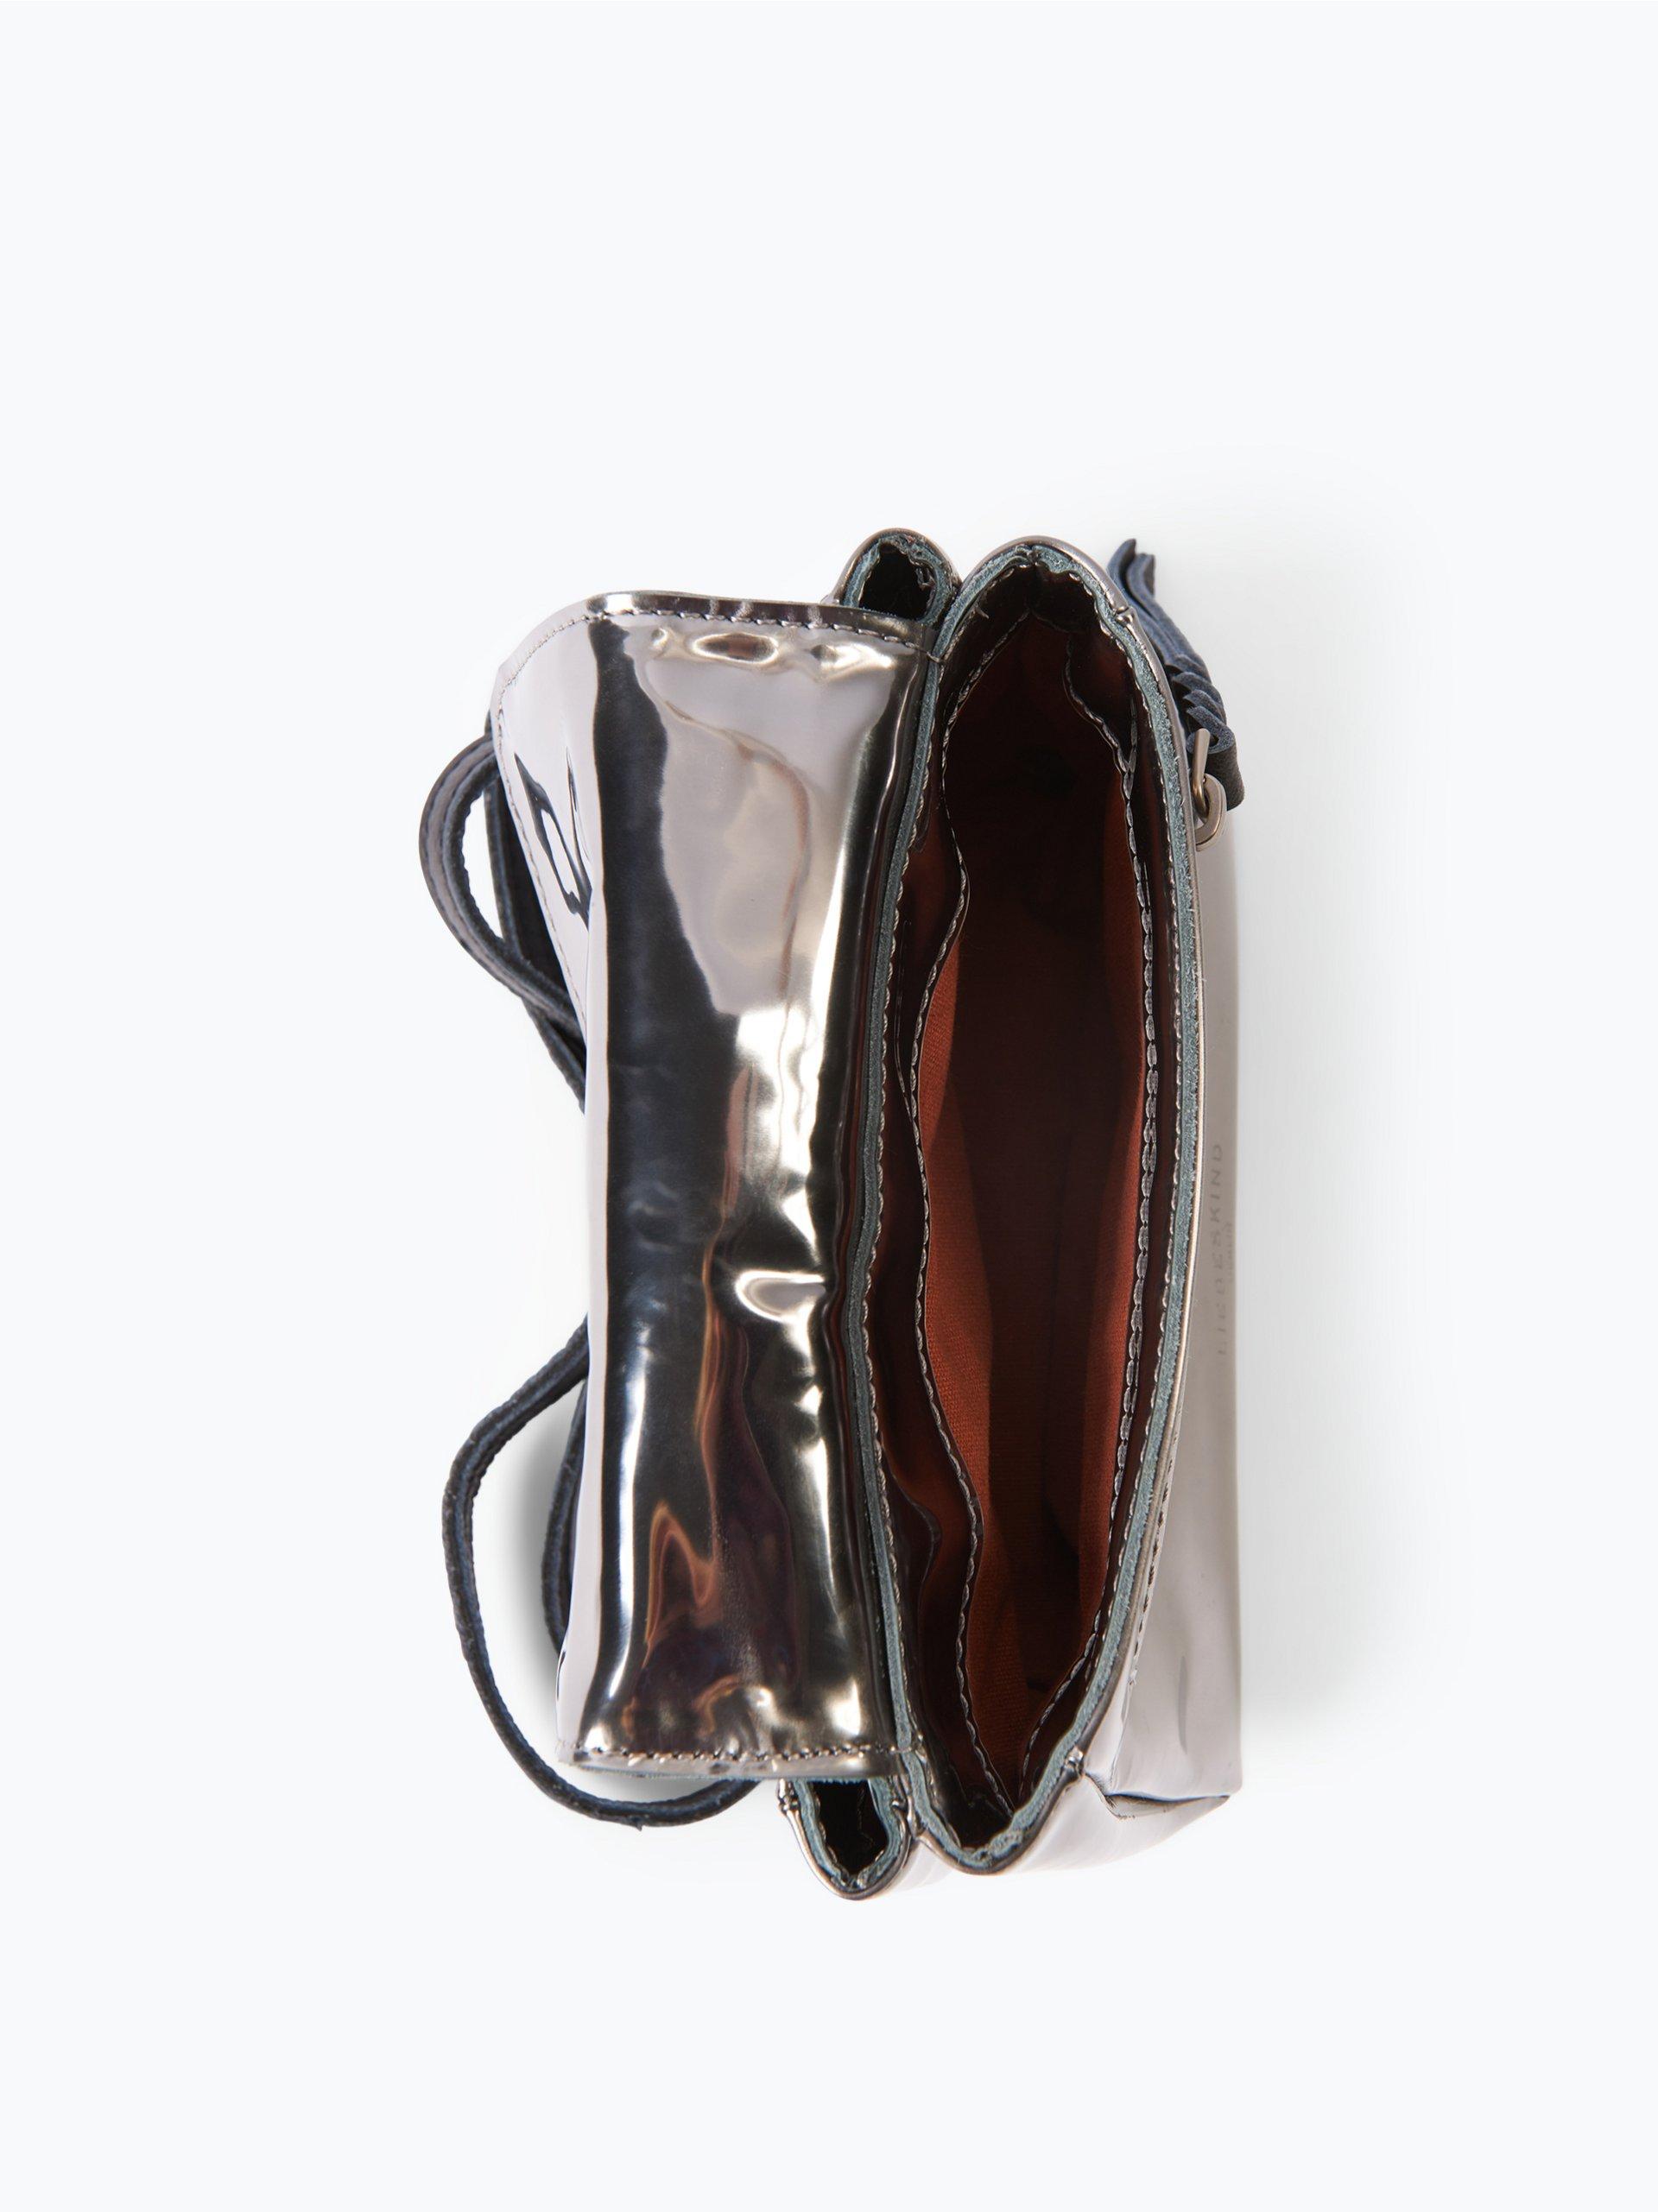 liebeskind damen umh ngetasche aus leder kawai silber uni online kaufen vangraaf com. Black Bedroom Furniture Sets. Home Design Ideas